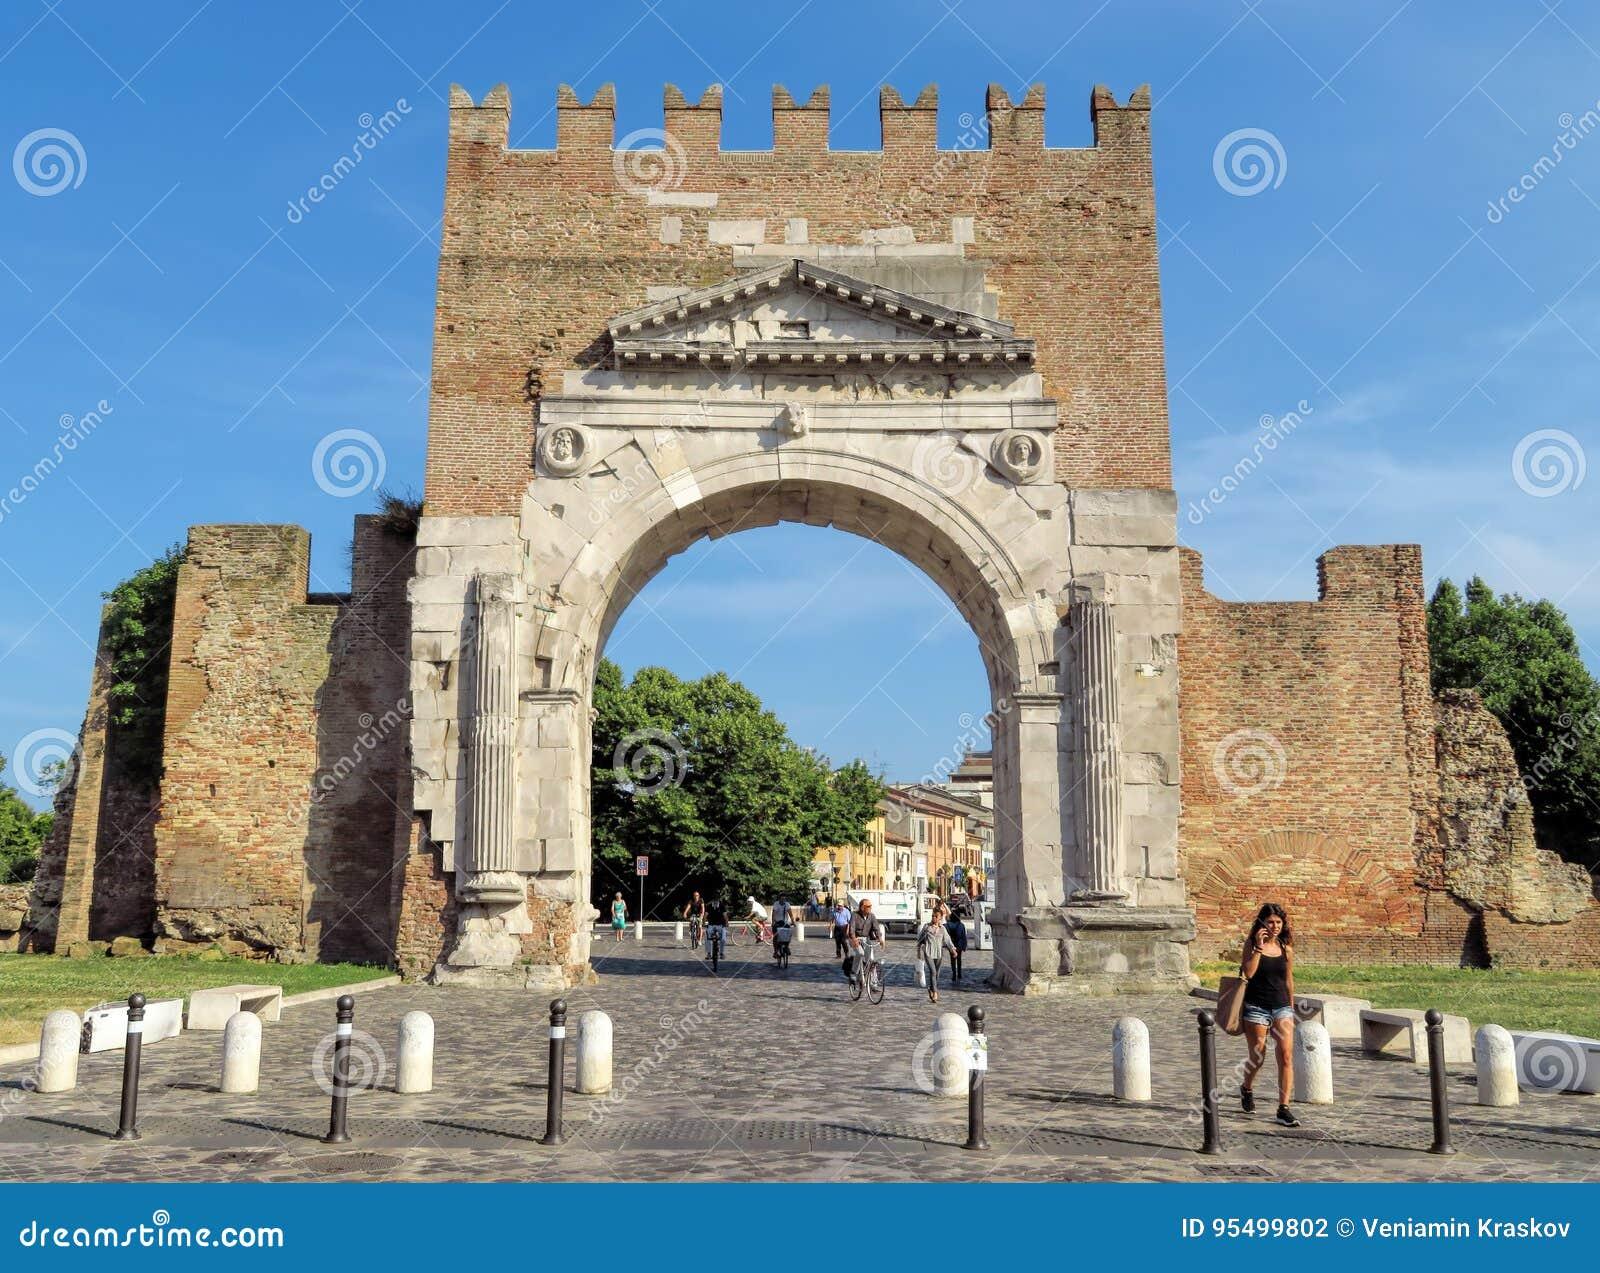 Rimini - Augustus Arch